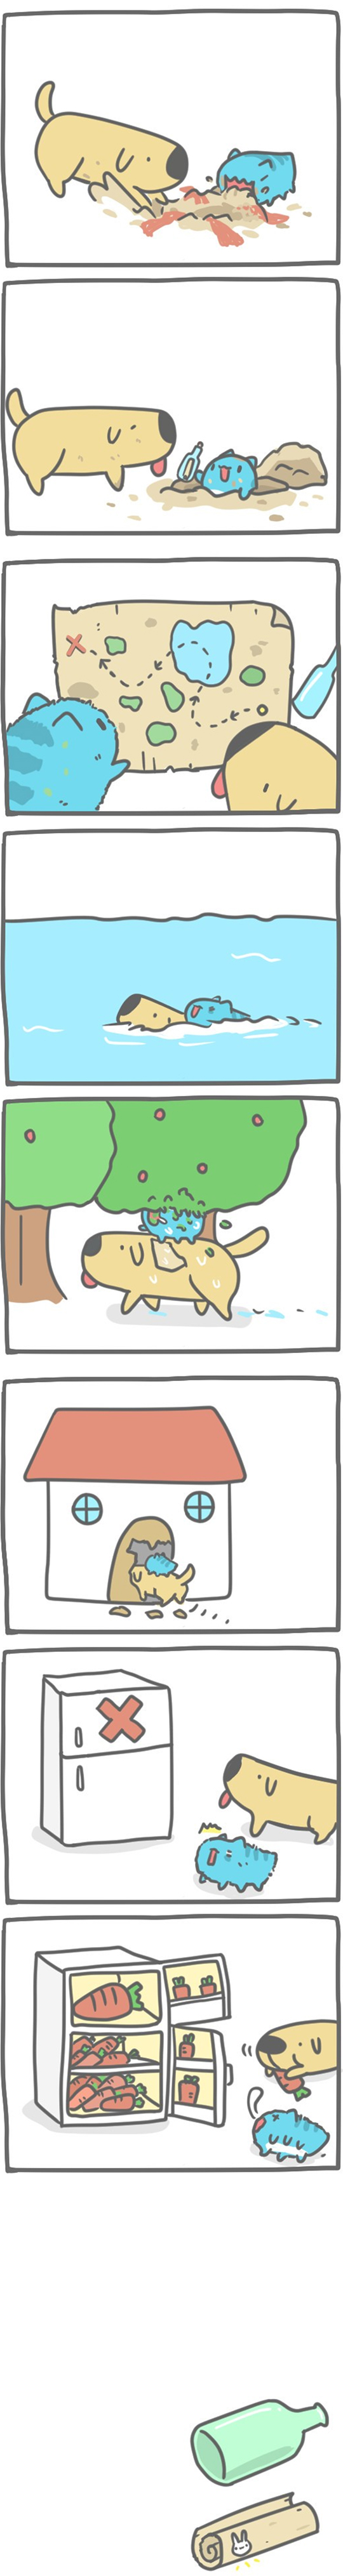 Truyện Mìn Lèo #96: Đi tìm kho báu